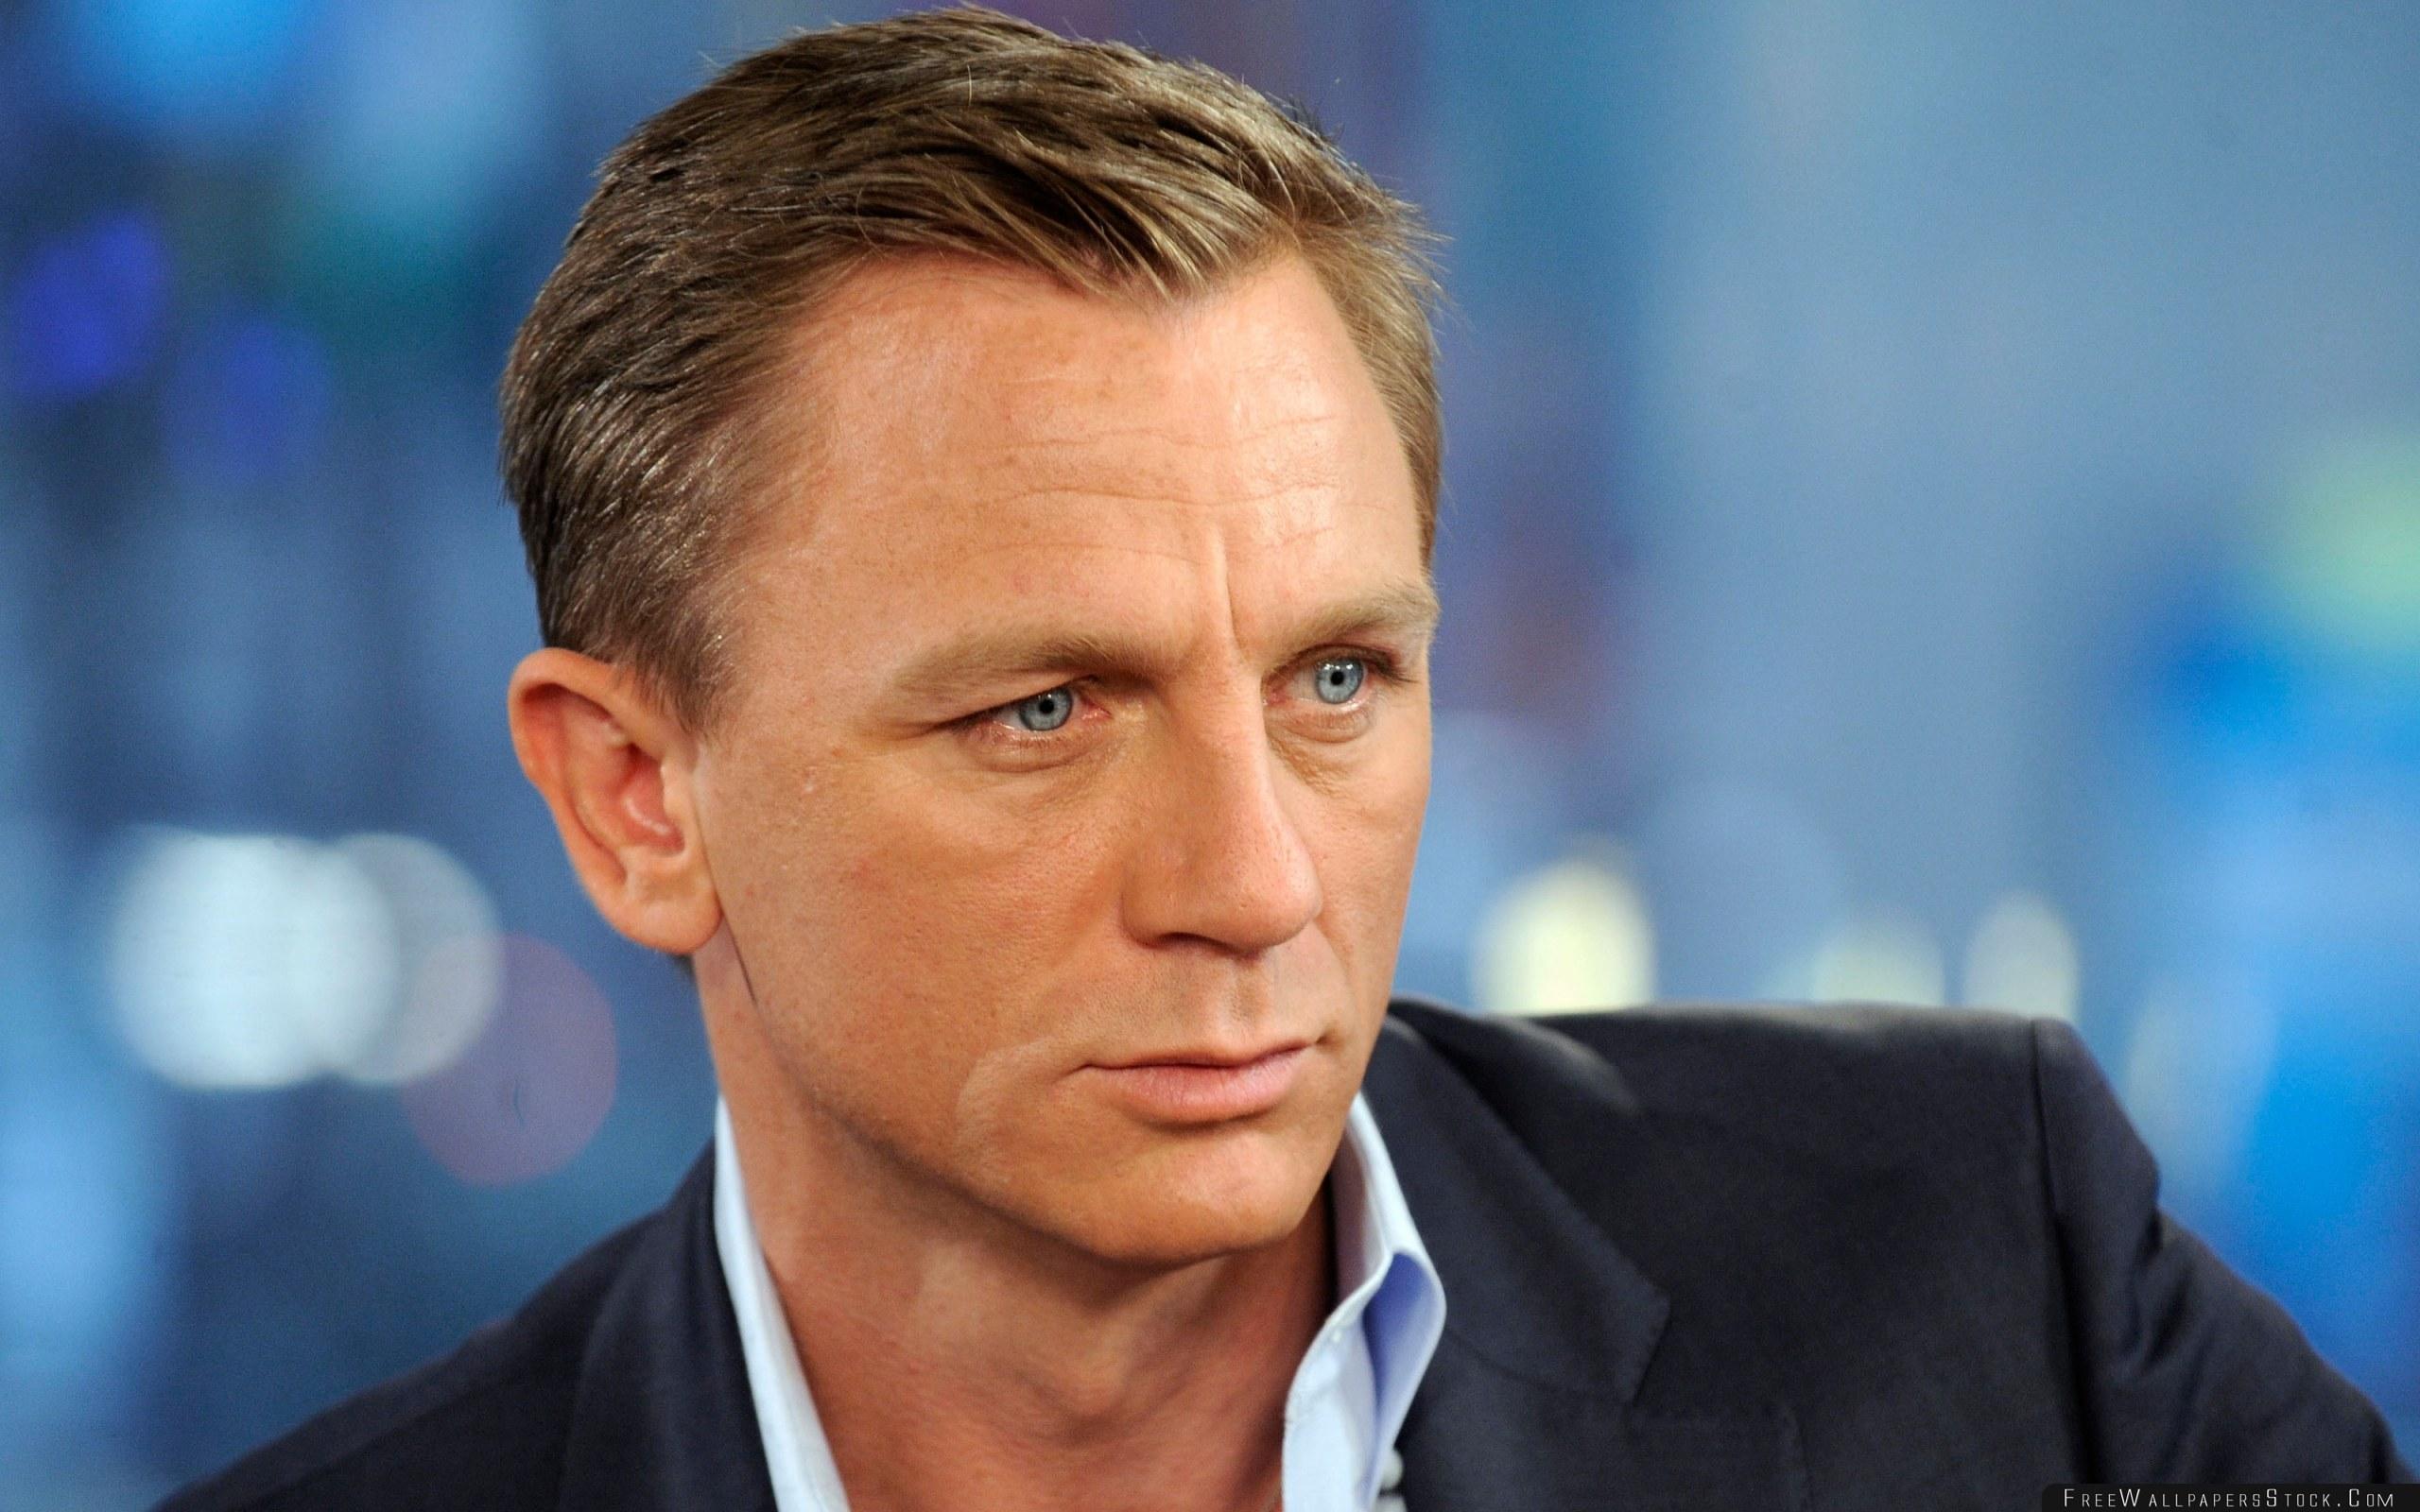 Download Free Wallpaper Daniel Craig Actor Person Man Jacket